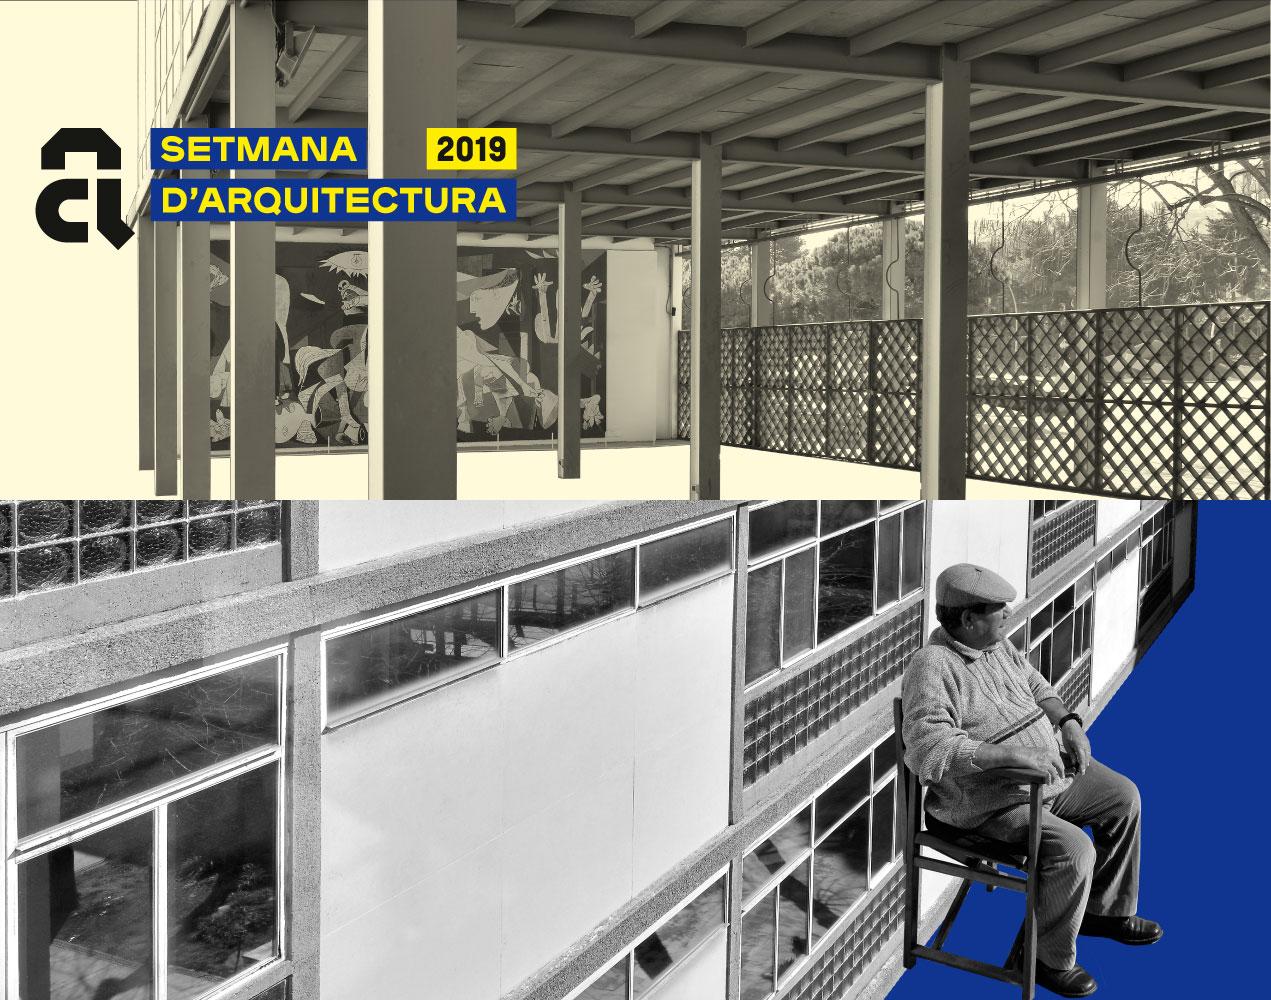 Setmana de l'Arquitectura 2019